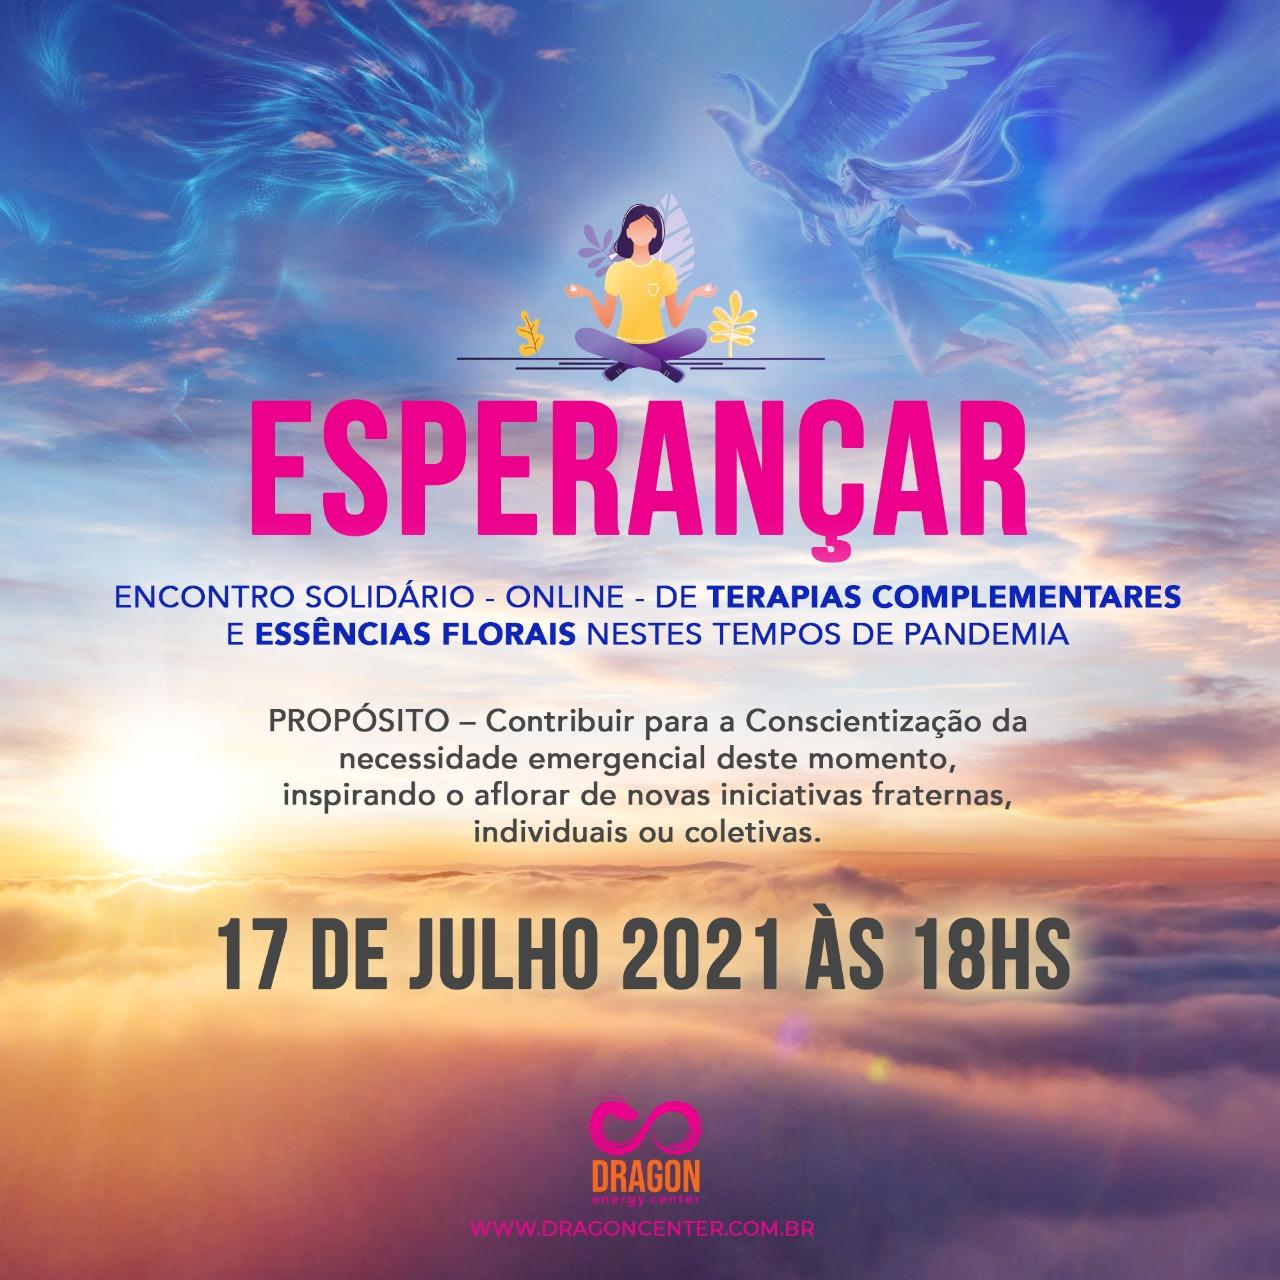 17 de Julho/2021, 18hs